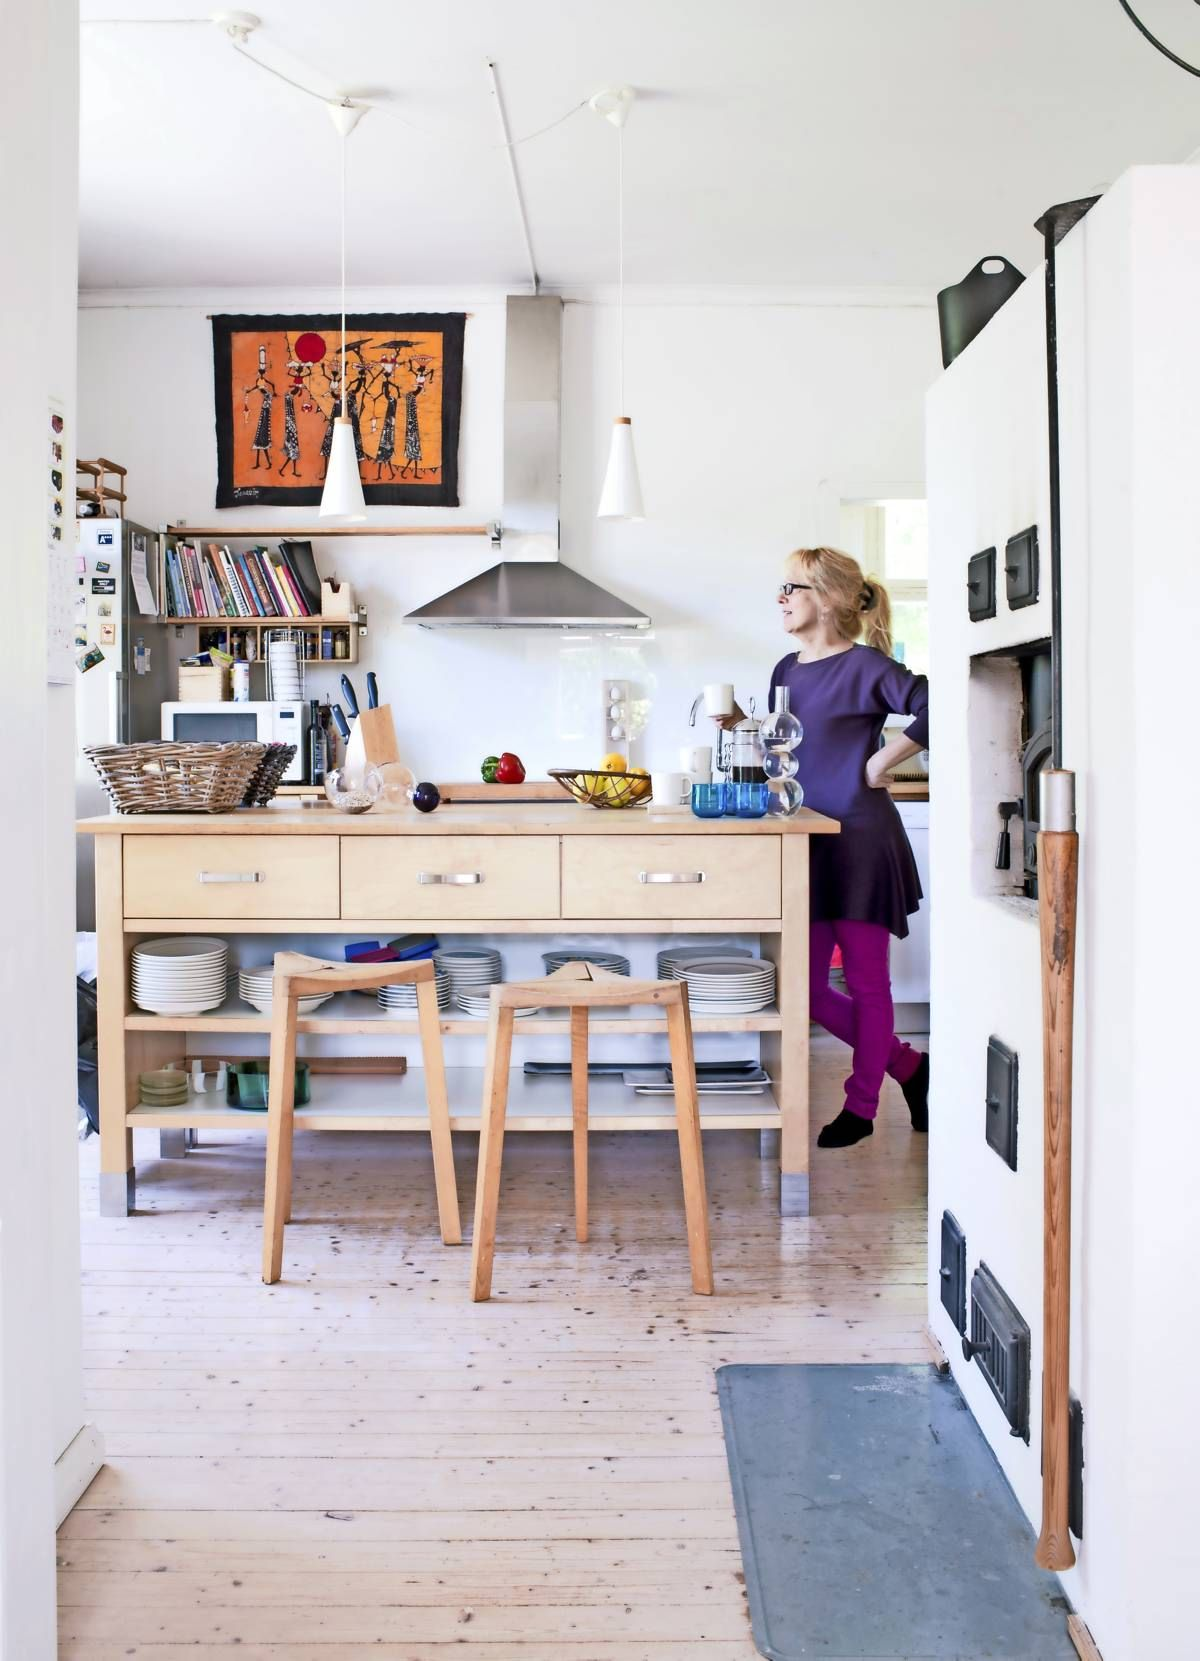 Ikean keittiösaarekkeen ääressä vietetään paljon aikaa yhdessä. Jakkarat ovat Mikko Merzin suunnittelemat ja Petri Koivusipilän valmistamat.